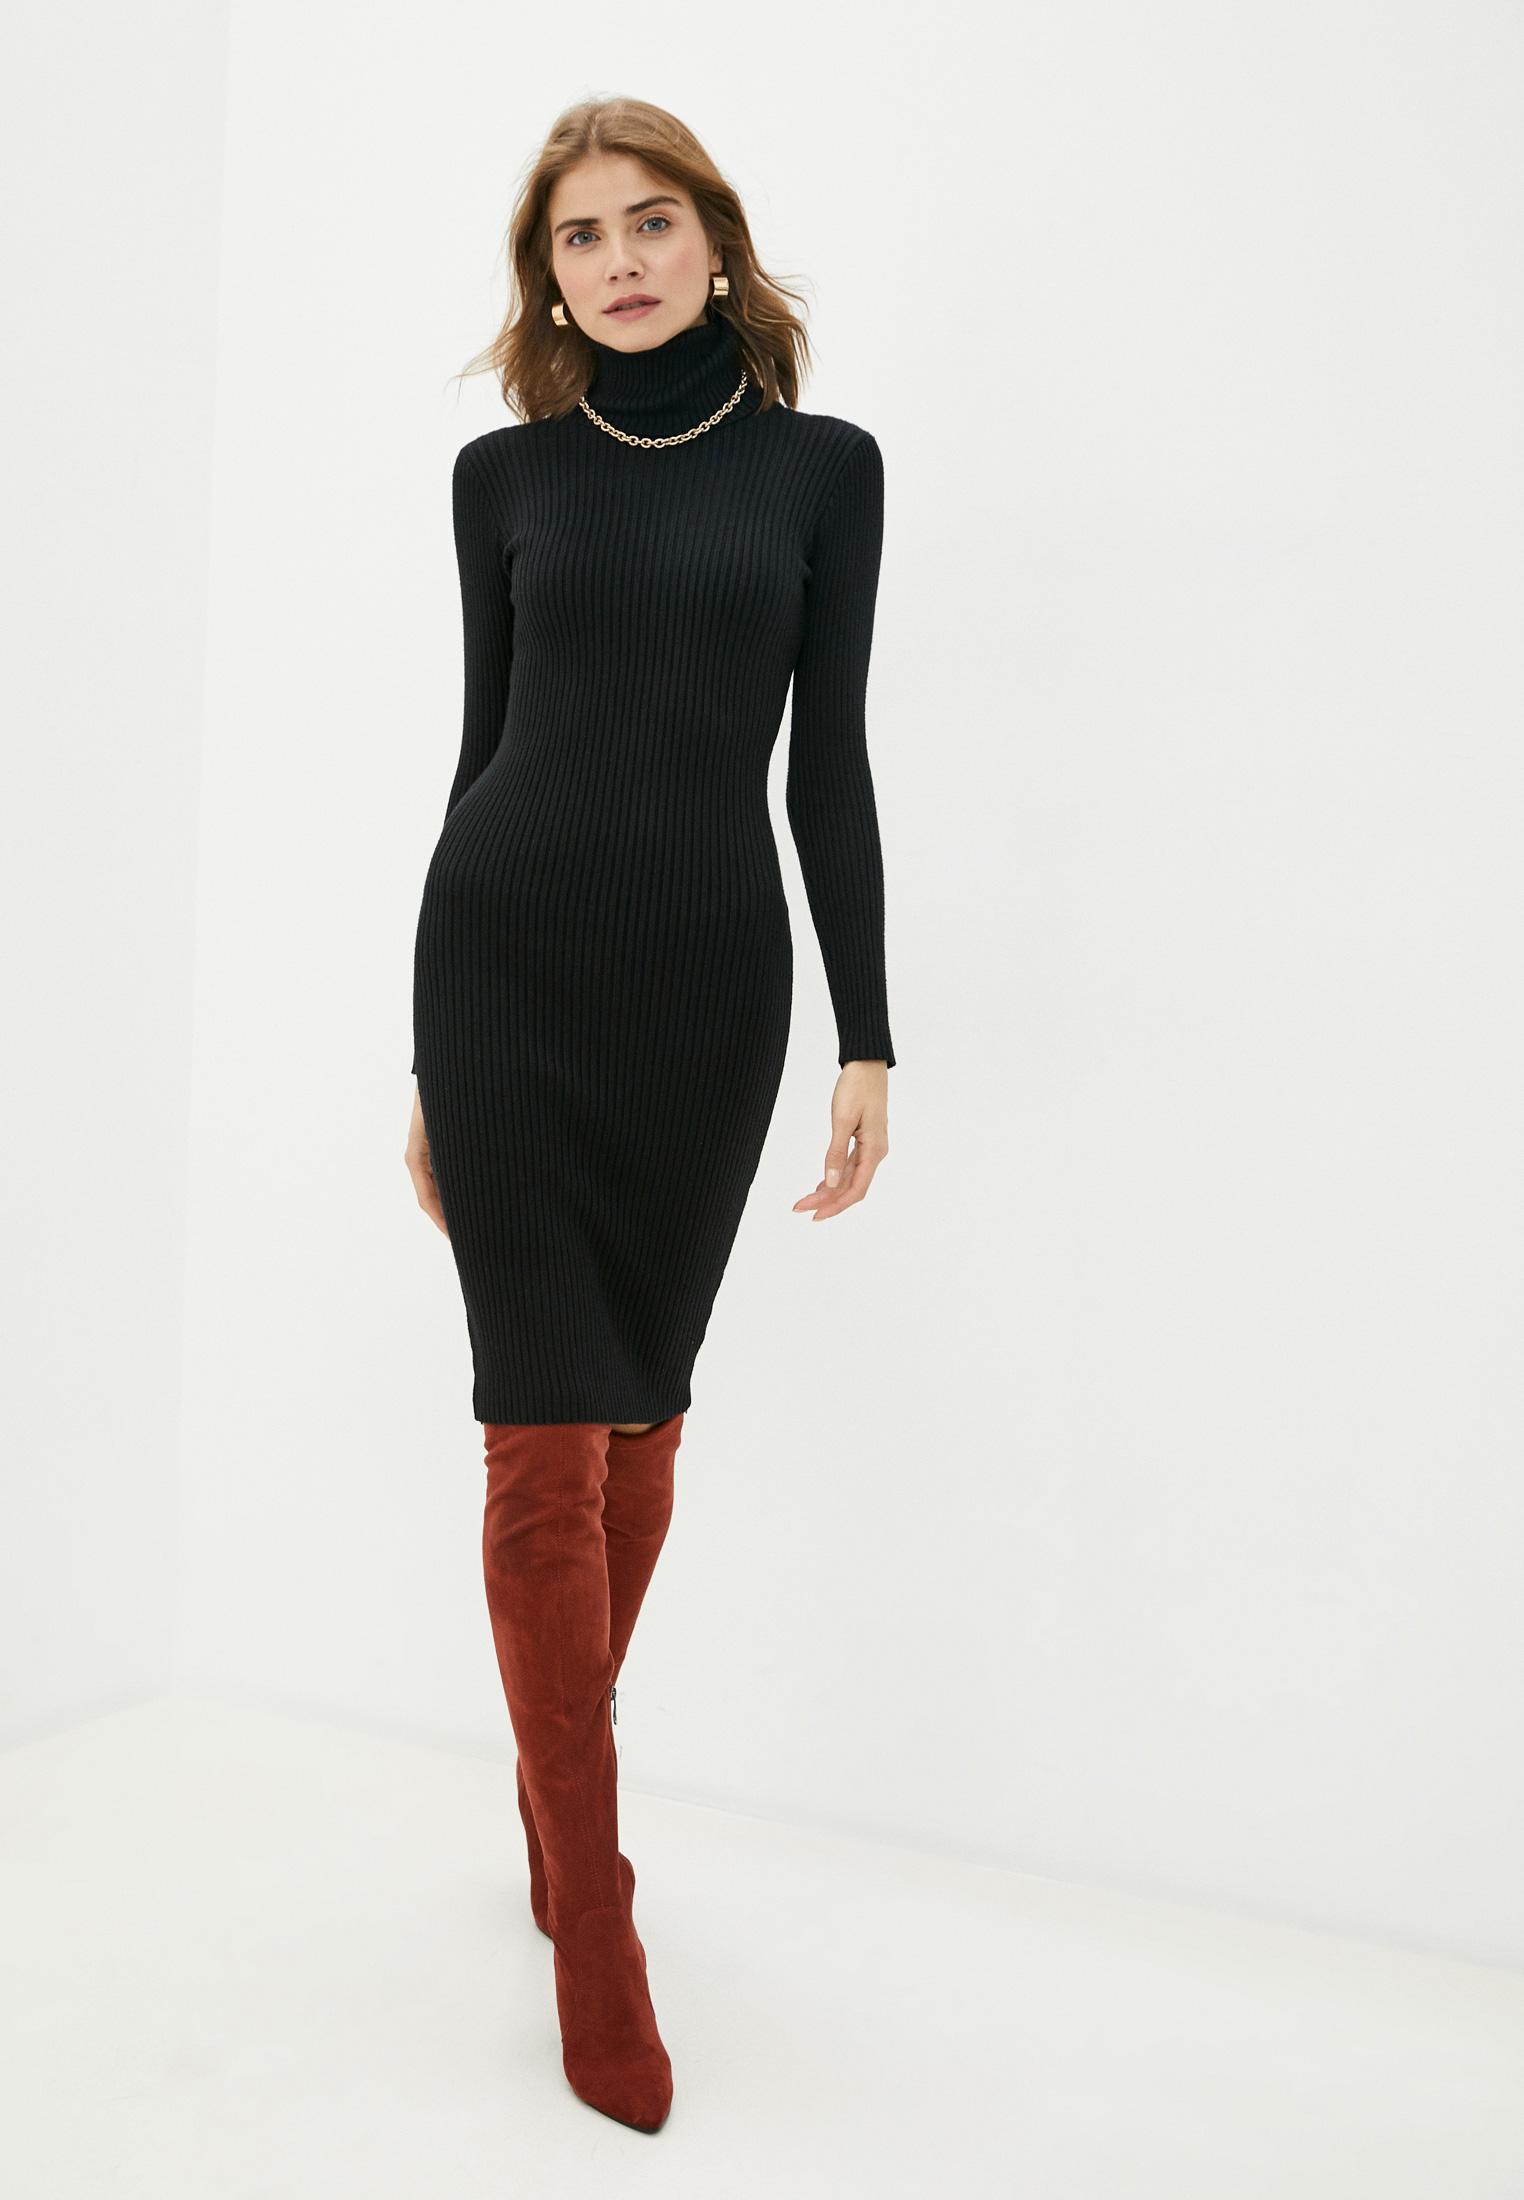 Вязаное платье Bigtora (Бигтора) 968